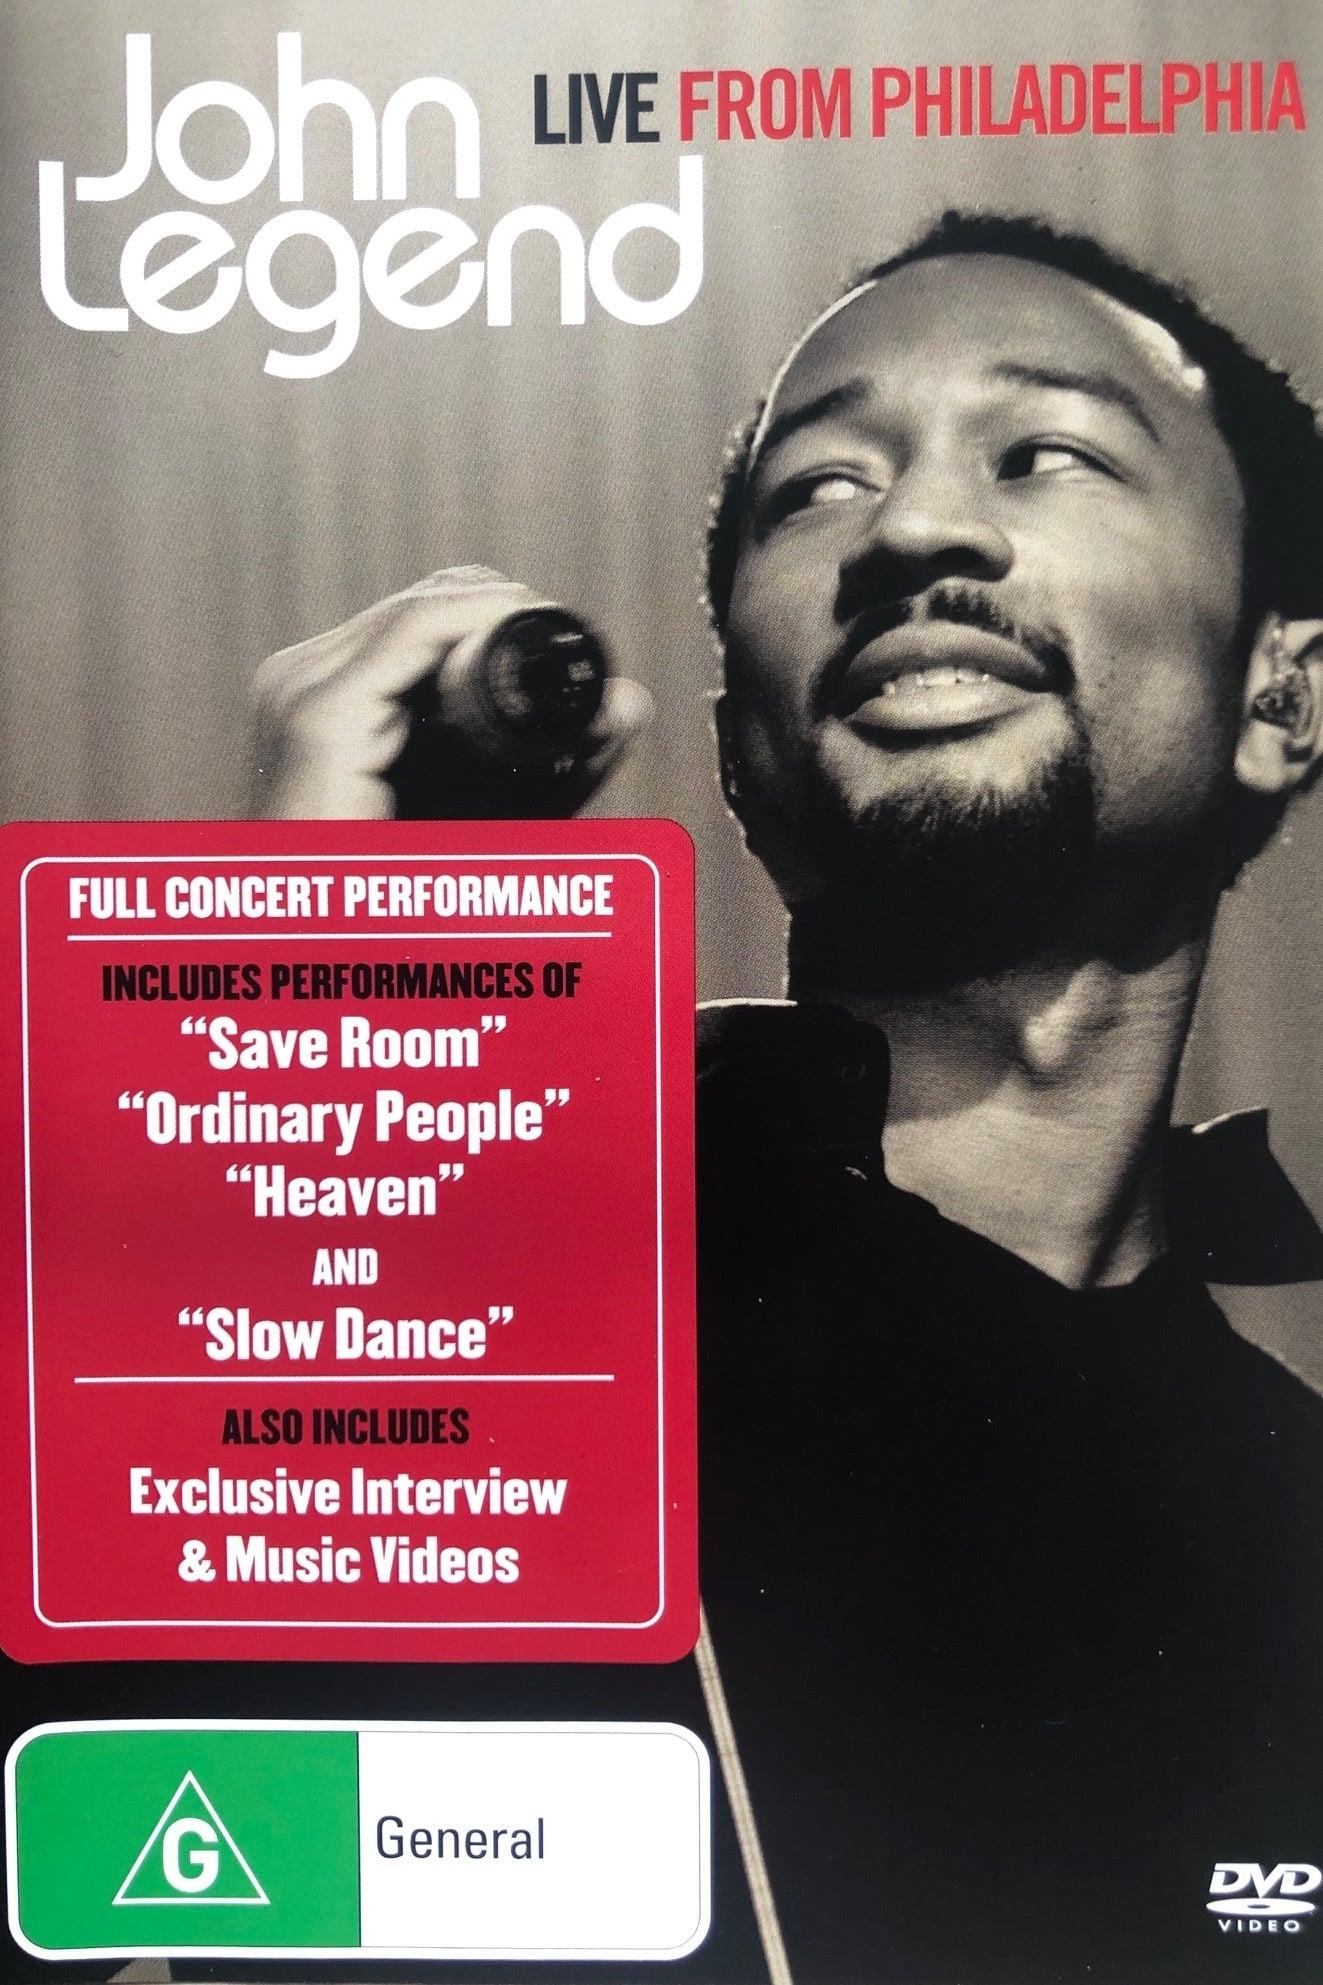 John Legend: Live from Philadelphia